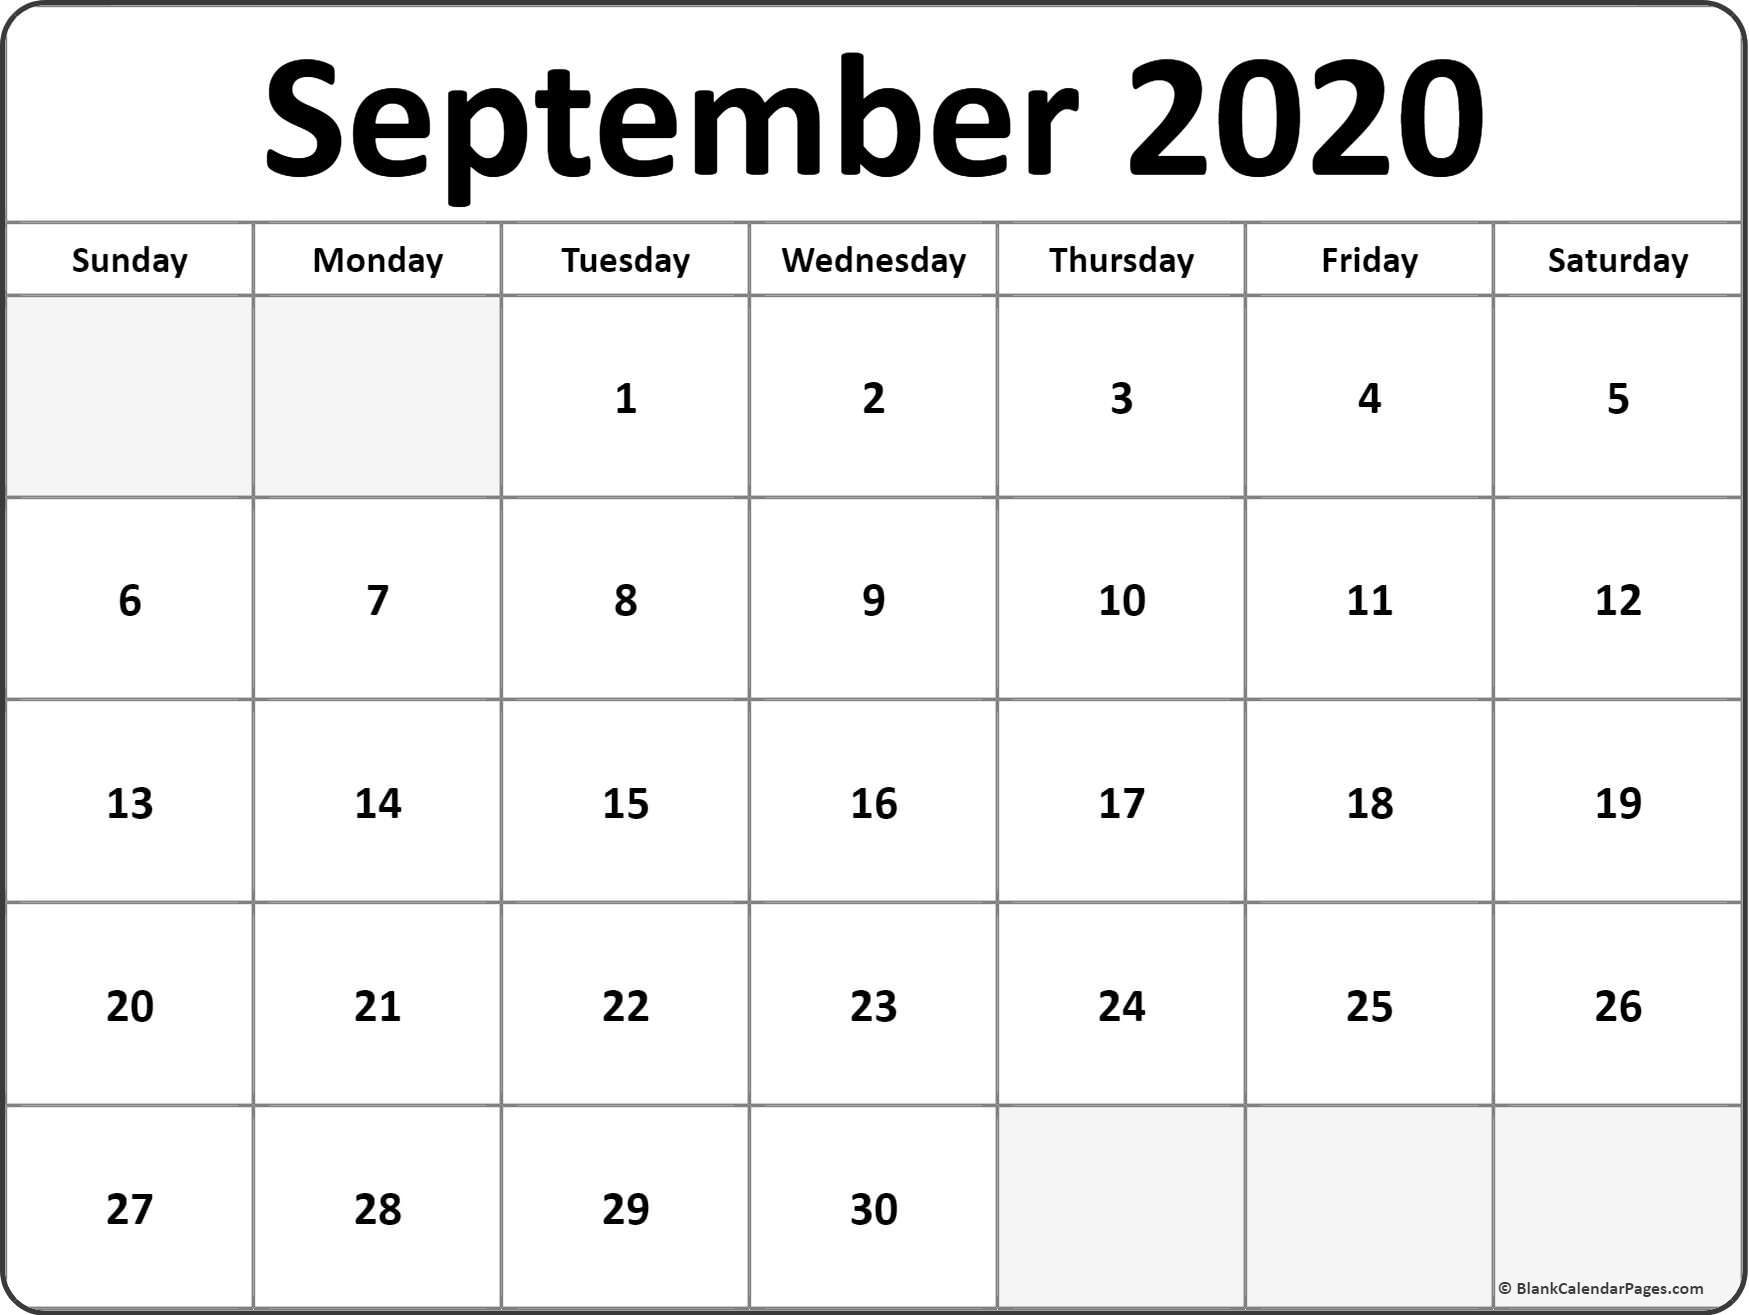 Calendar for September 2020 Printable September 2020 Blank Calendar Templates